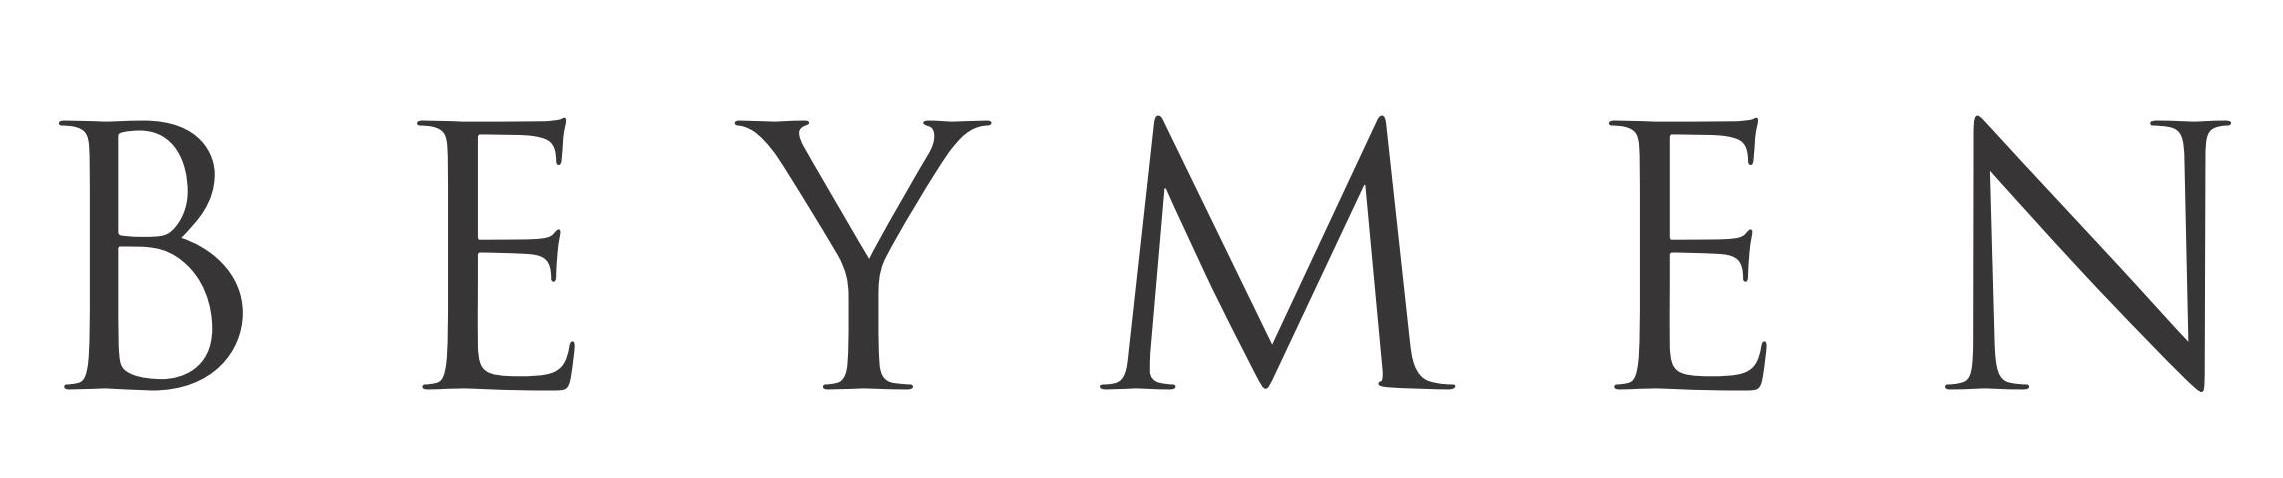 Beymen Logo png